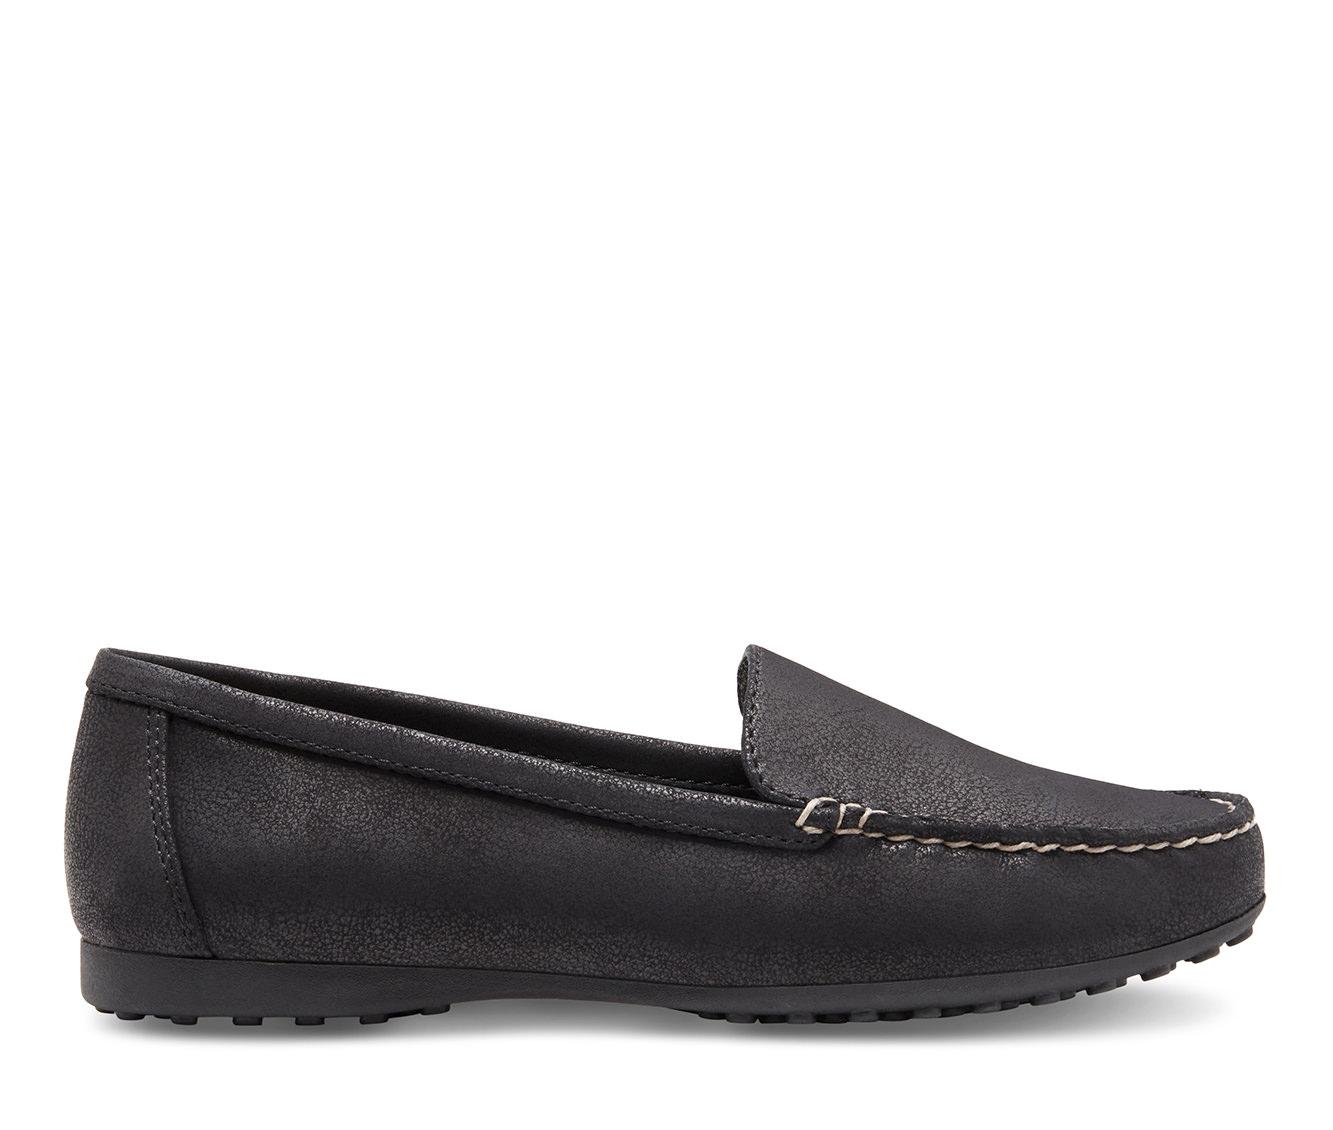 Eastland Courtney Women's Shoe (Black Faux Leather)